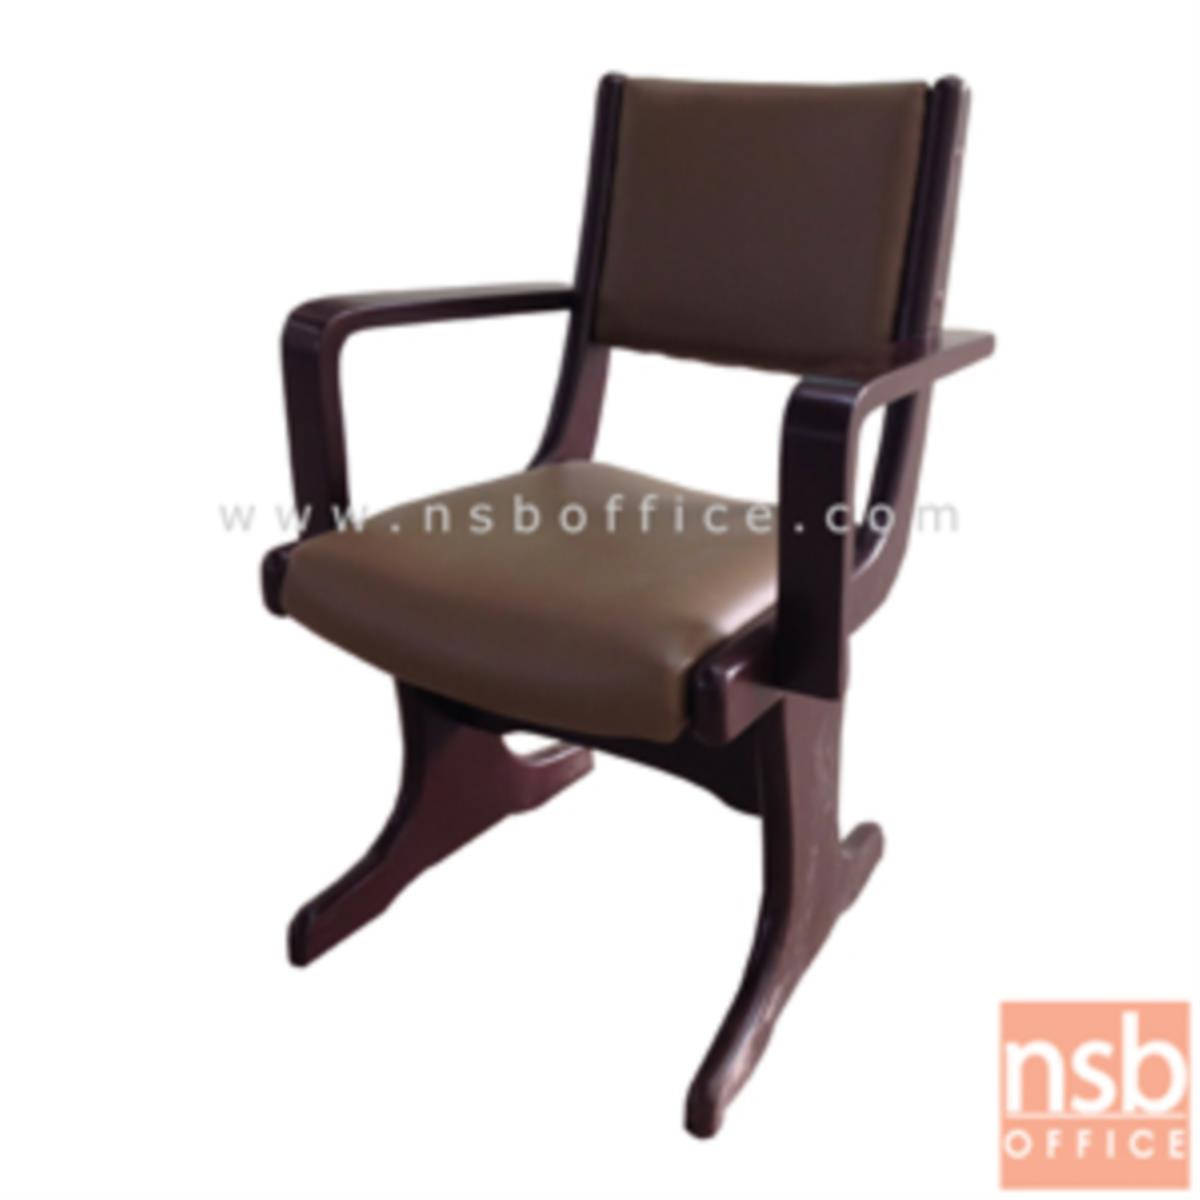 G14A066:เก้าอี้ไม้ยางพาราที่นั่งหุ้มหนังเทียม  57W cm. ขาไม้ตัวที